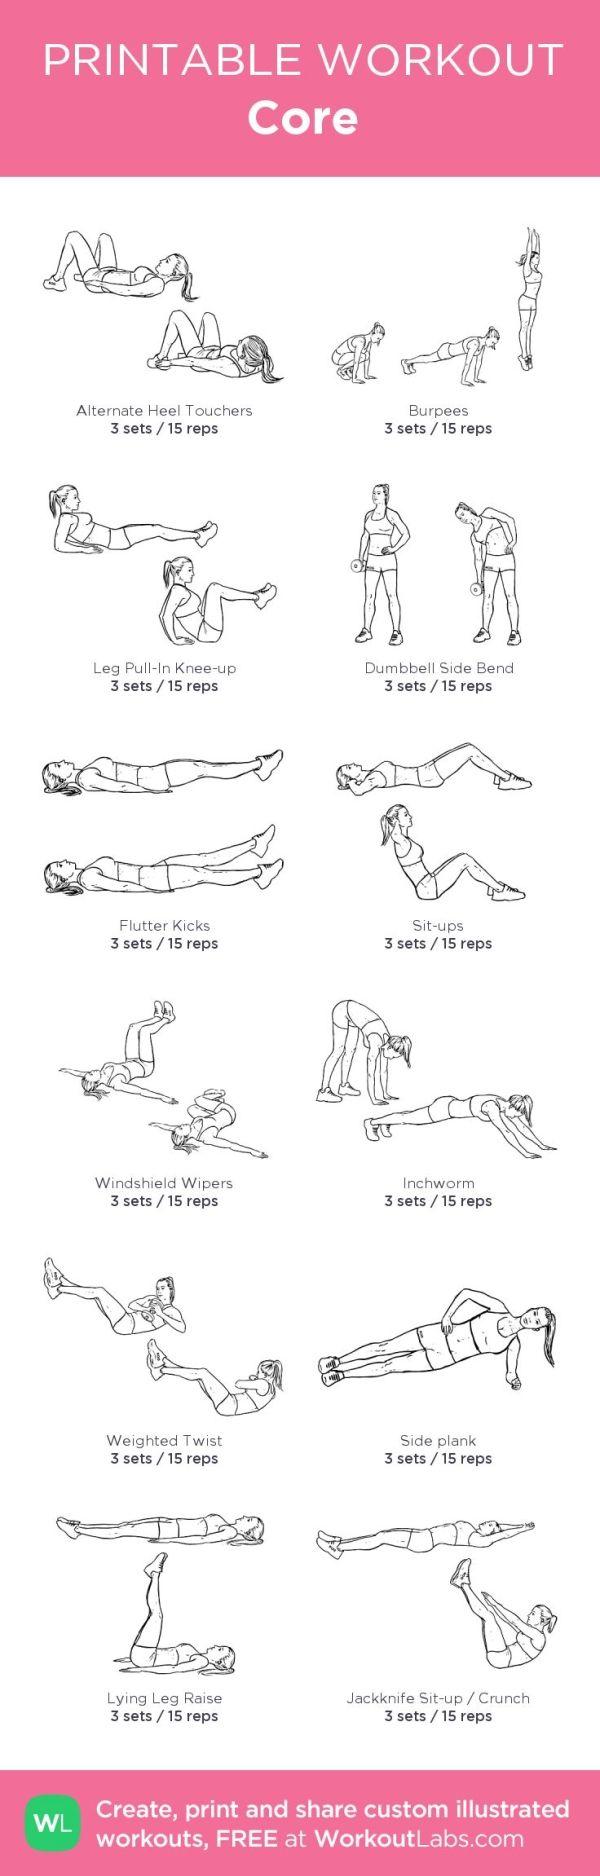 printable workout routine